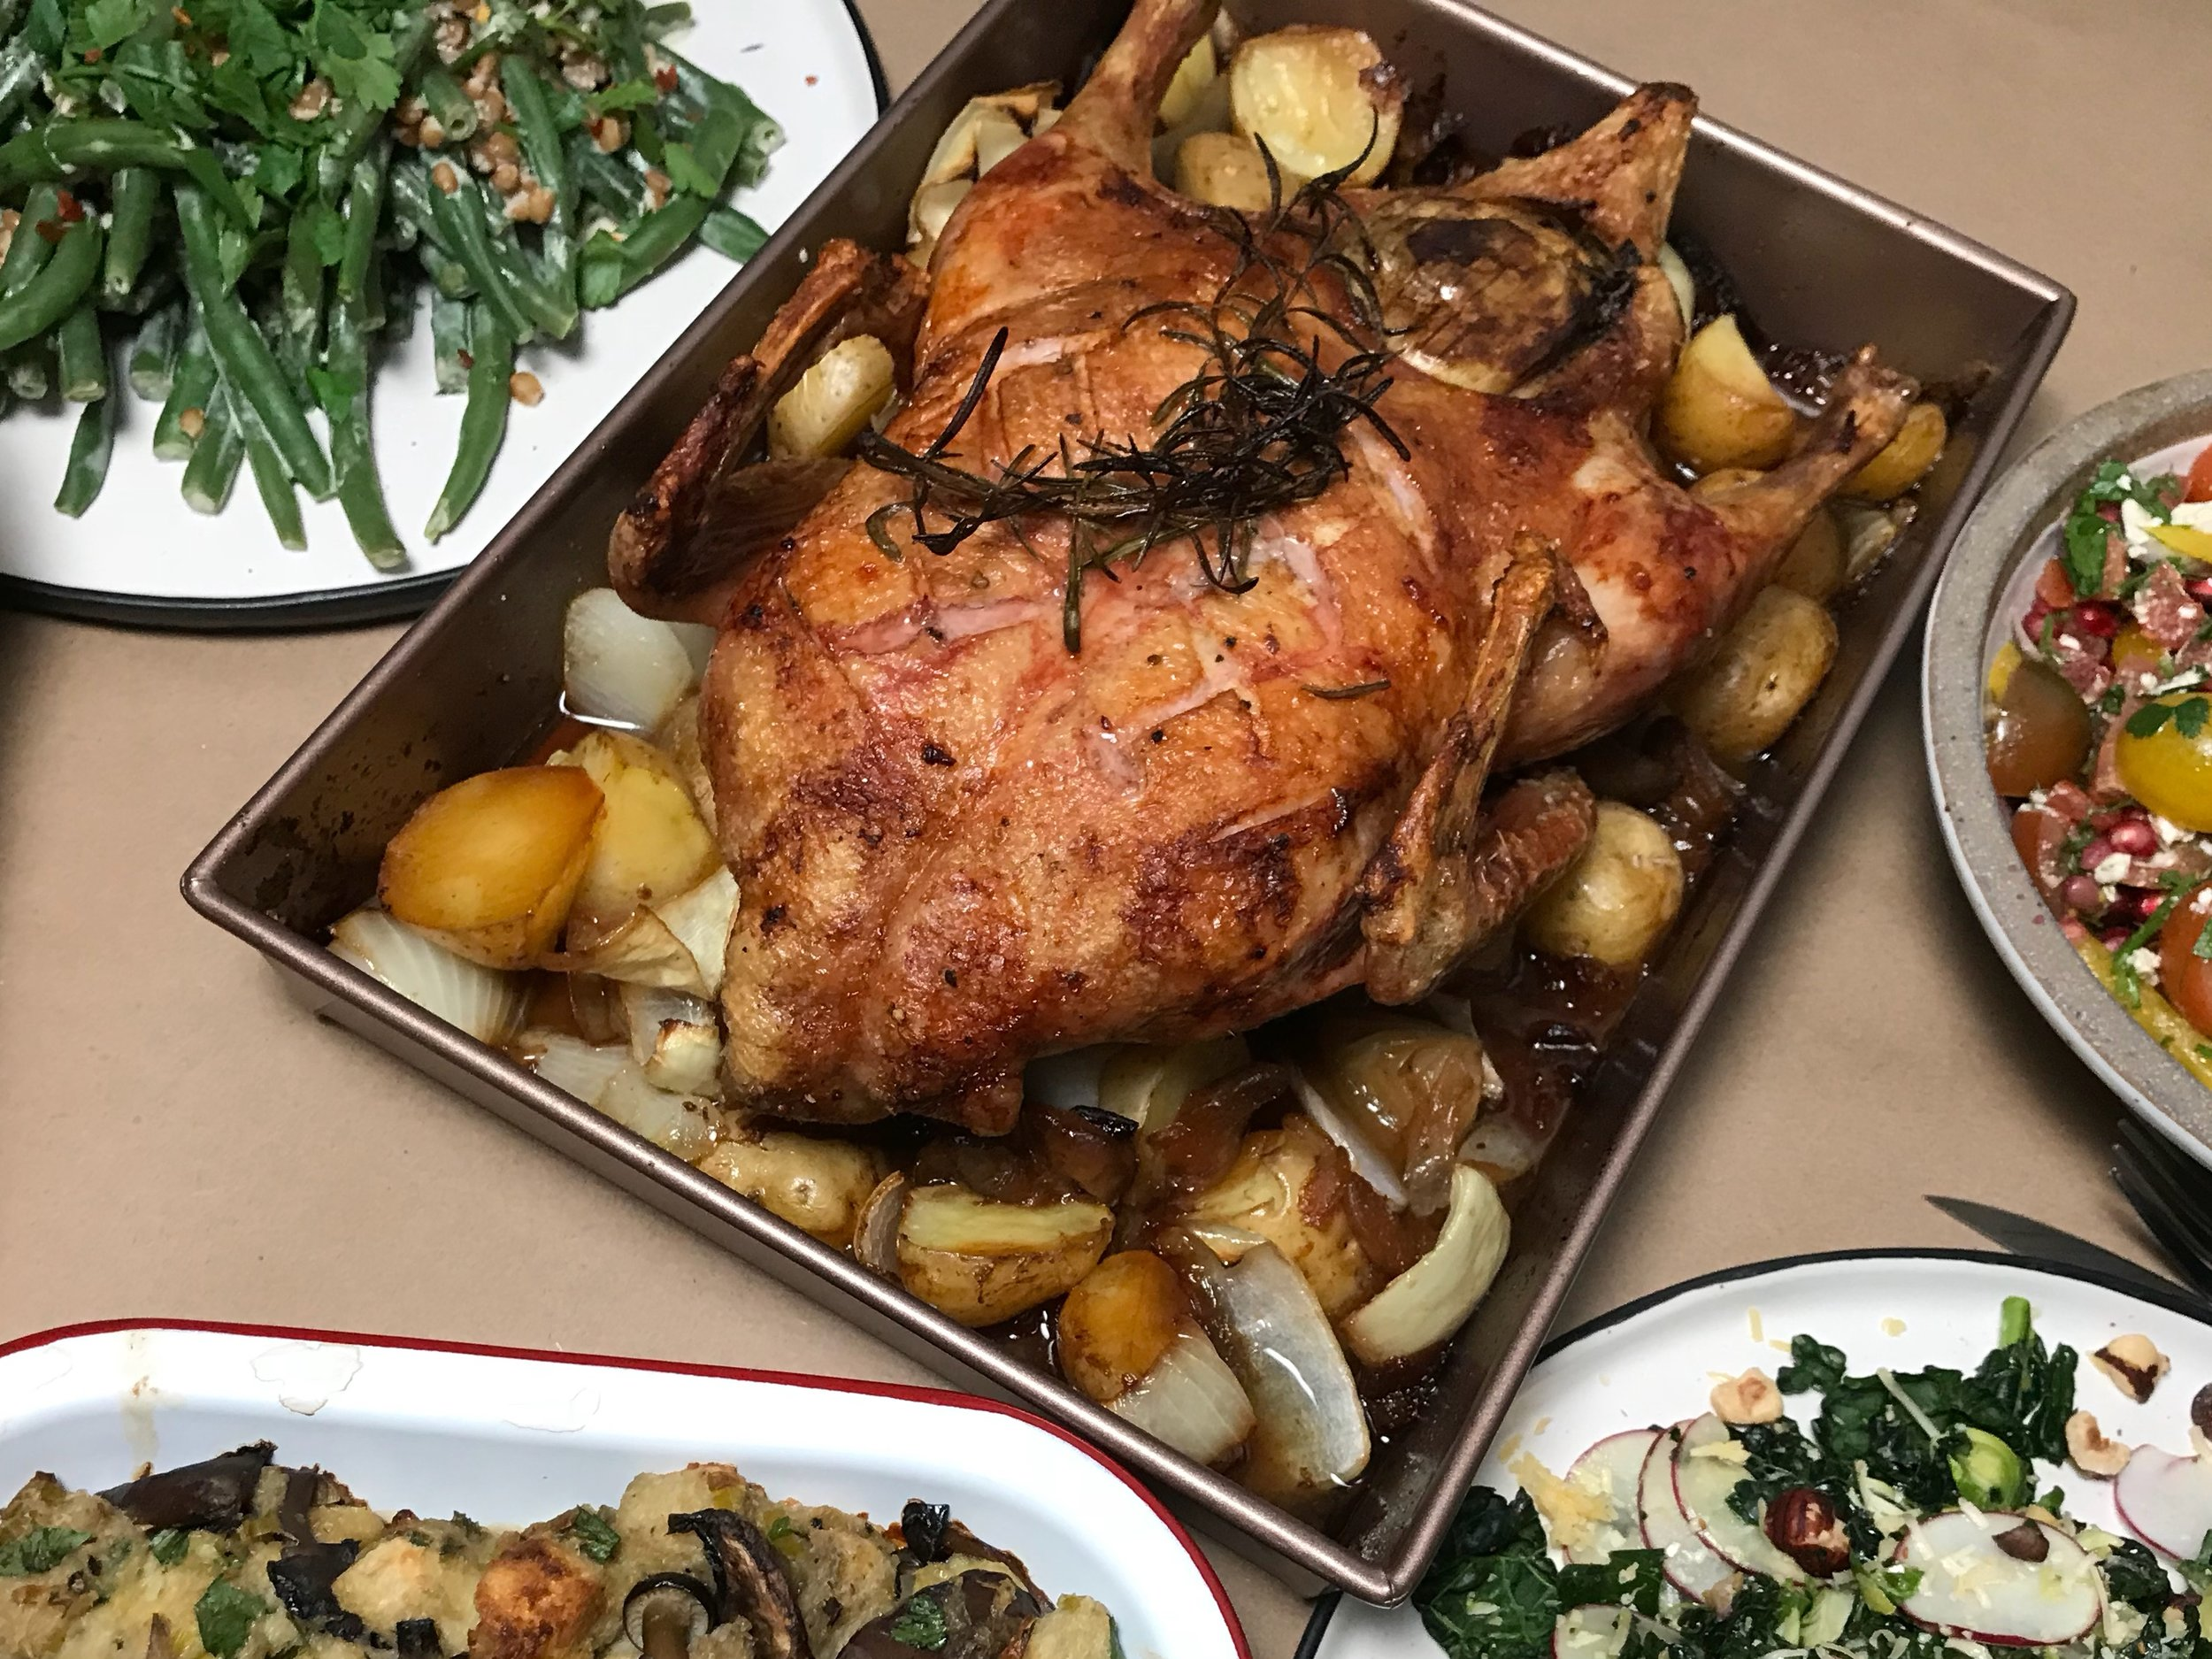 24hourkitchen-roast-duck-bone-broth